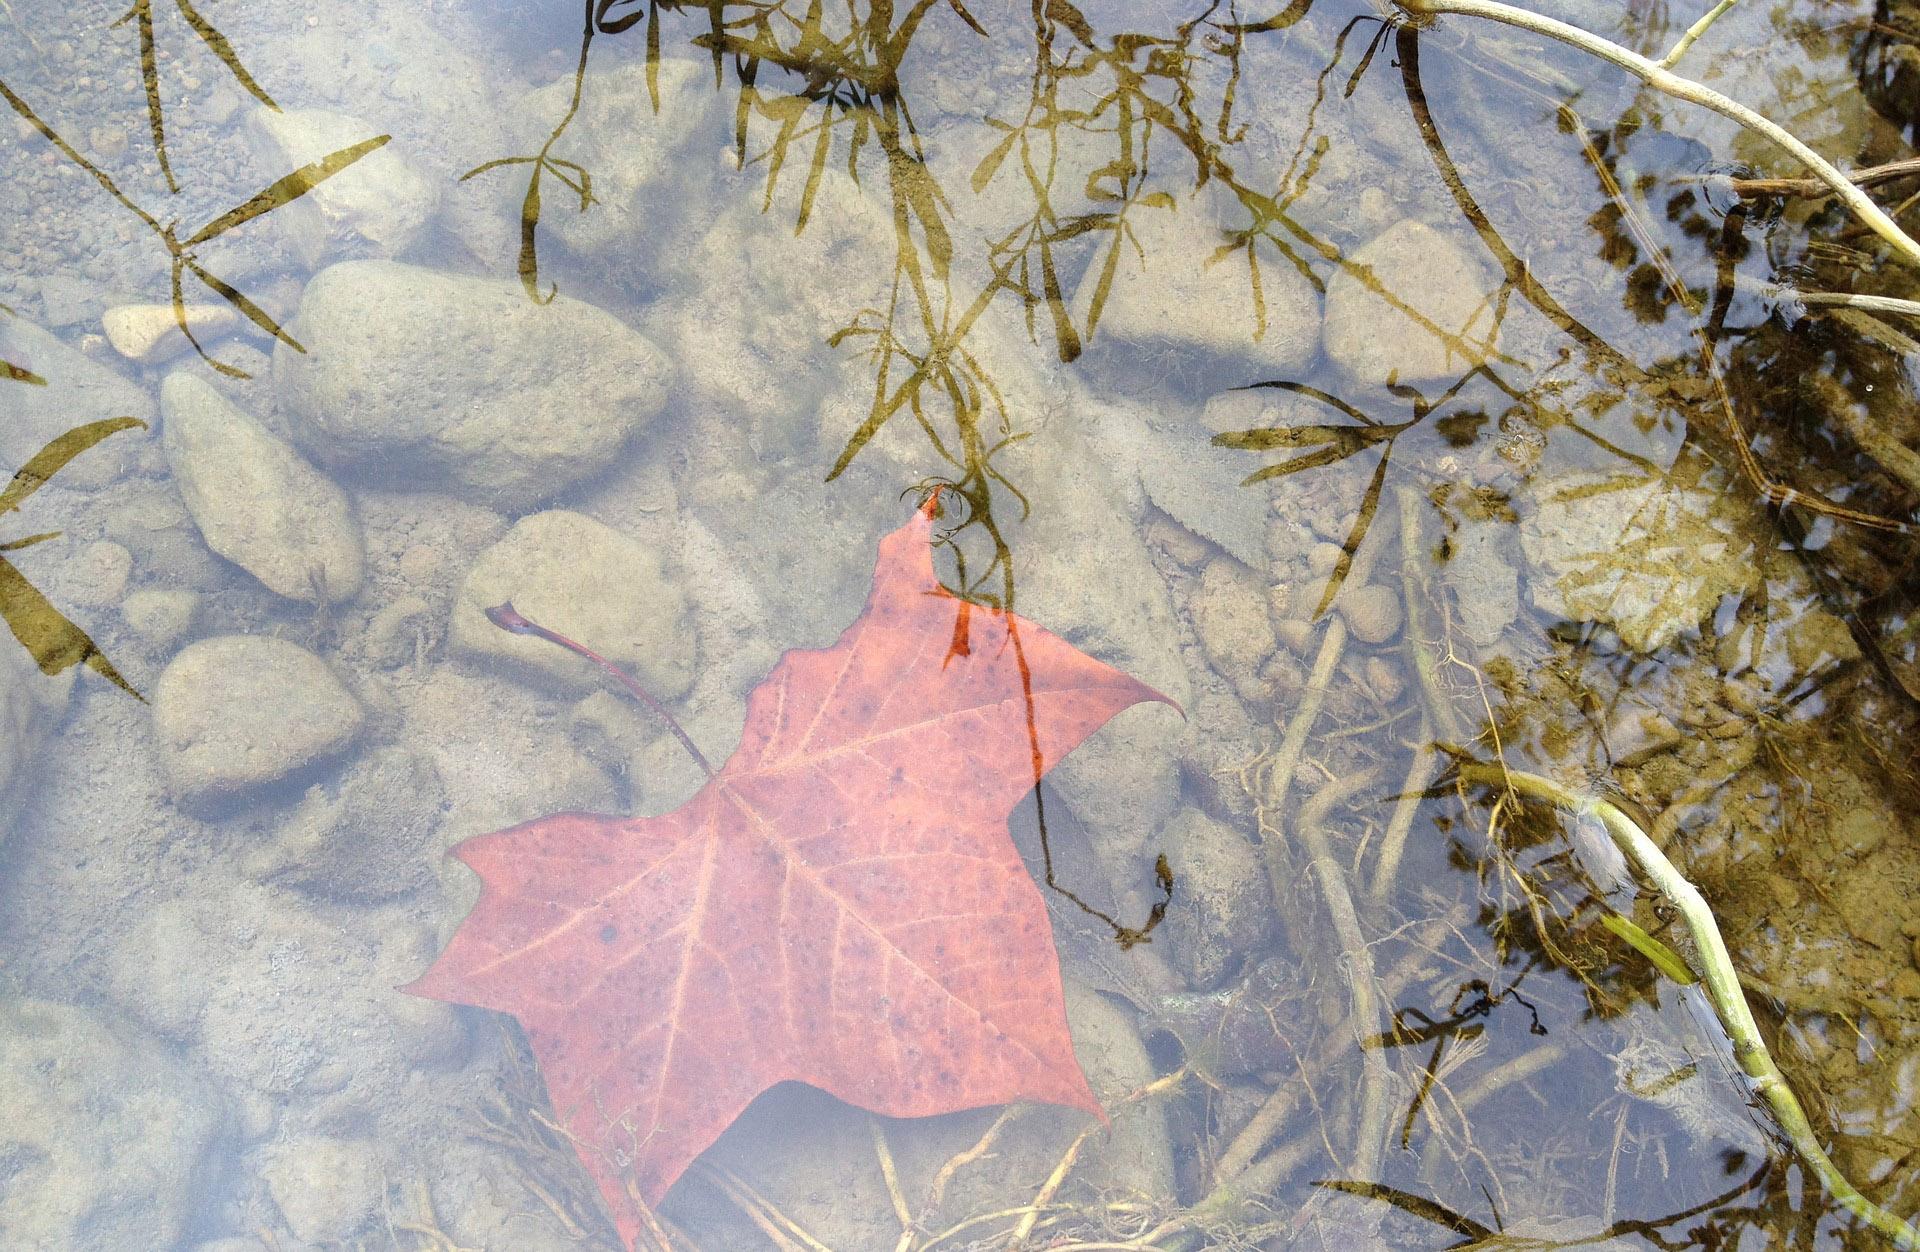 leaf-1188098_1920